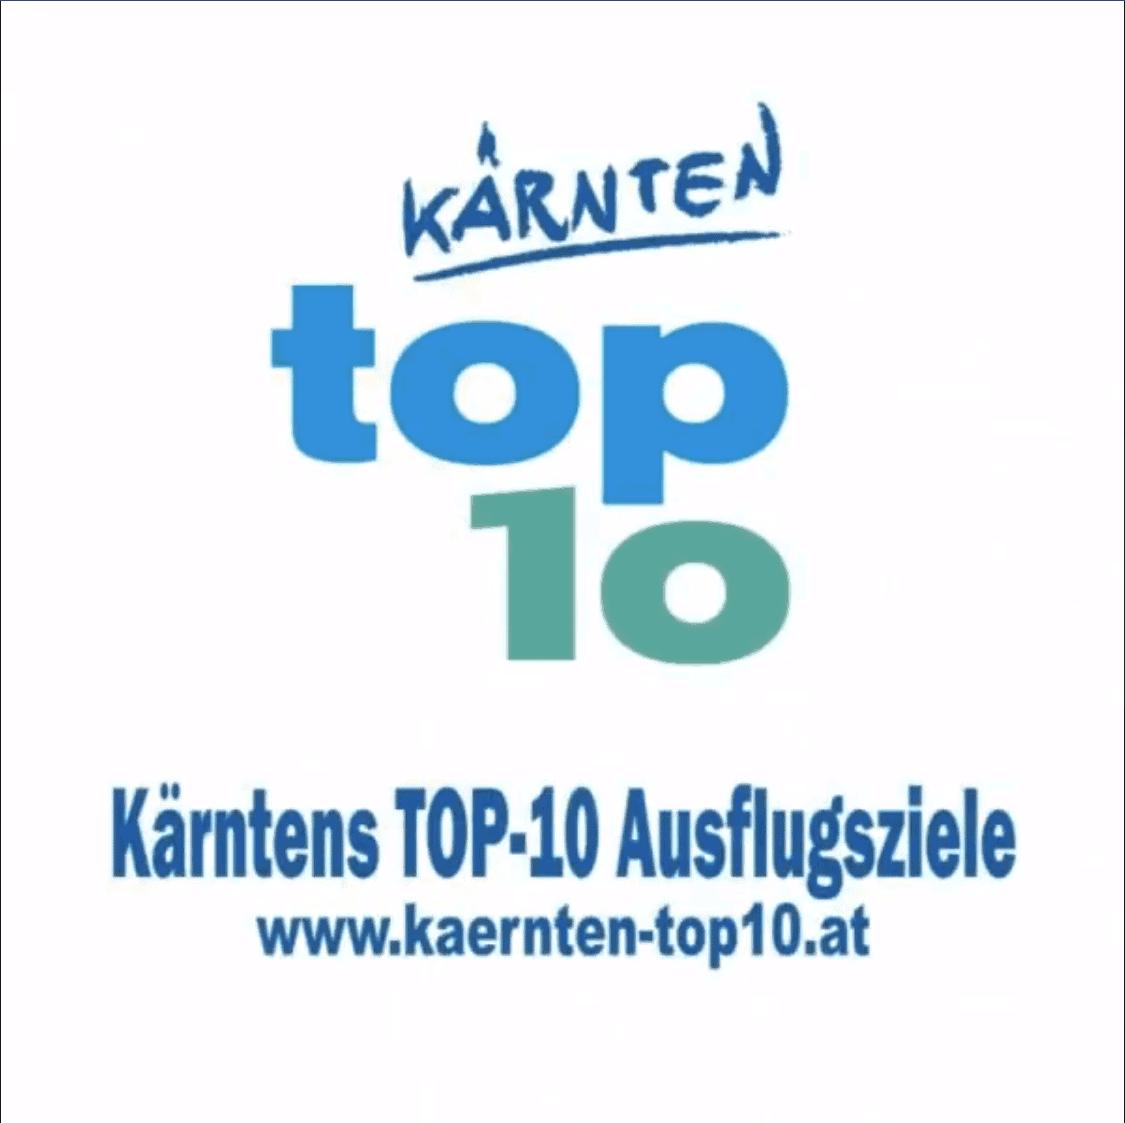 Kärntens TOP Ausflugstipps für Weissensee Nassfeld Pressegger See Lesachtal - Logo